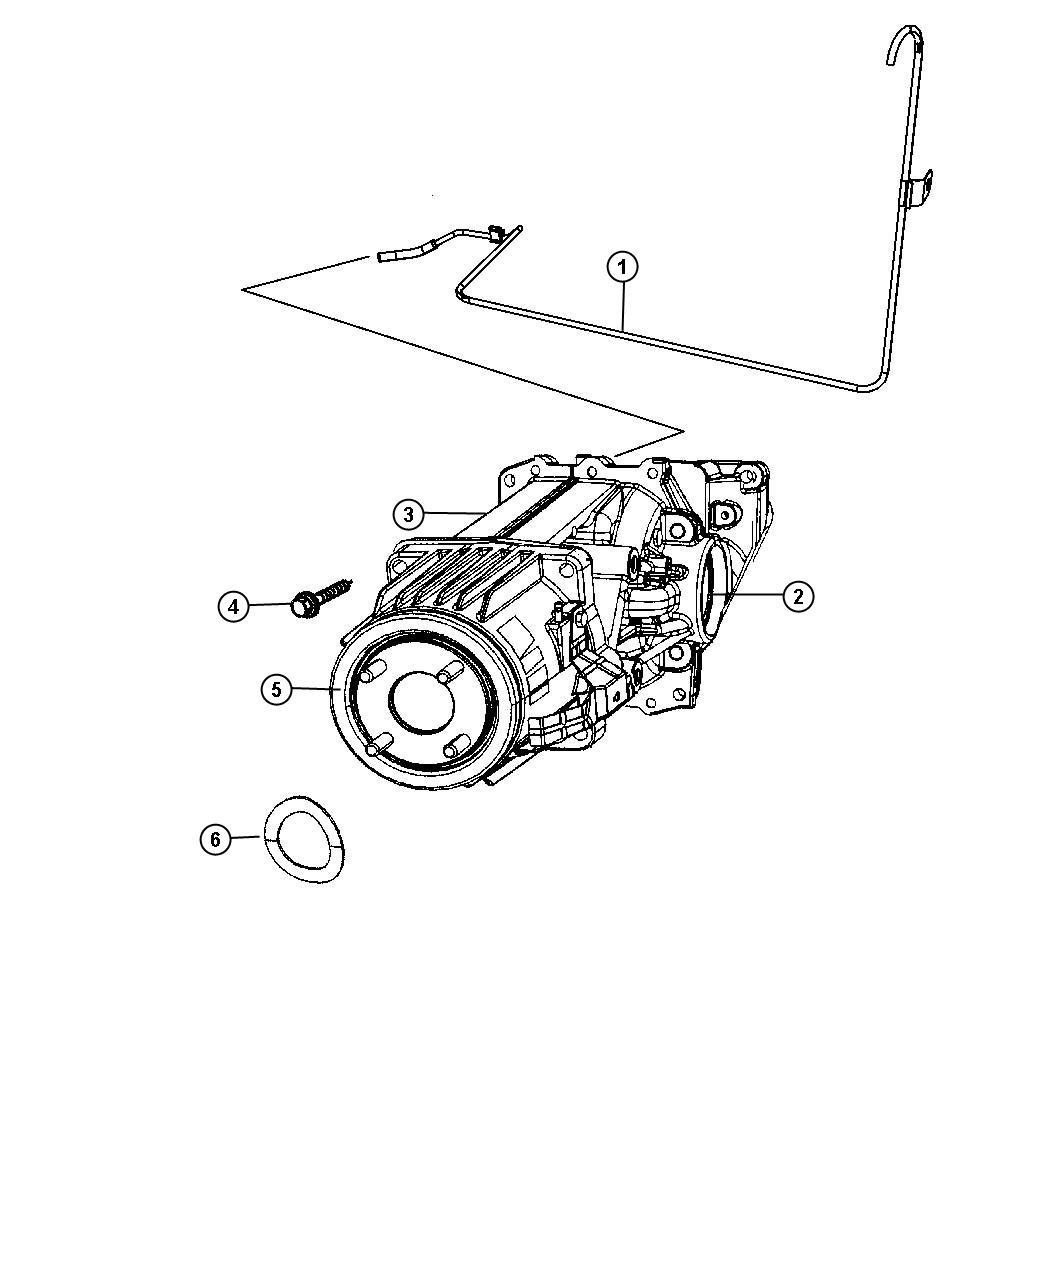 Jeep Patriot Rear Suspension Diagram